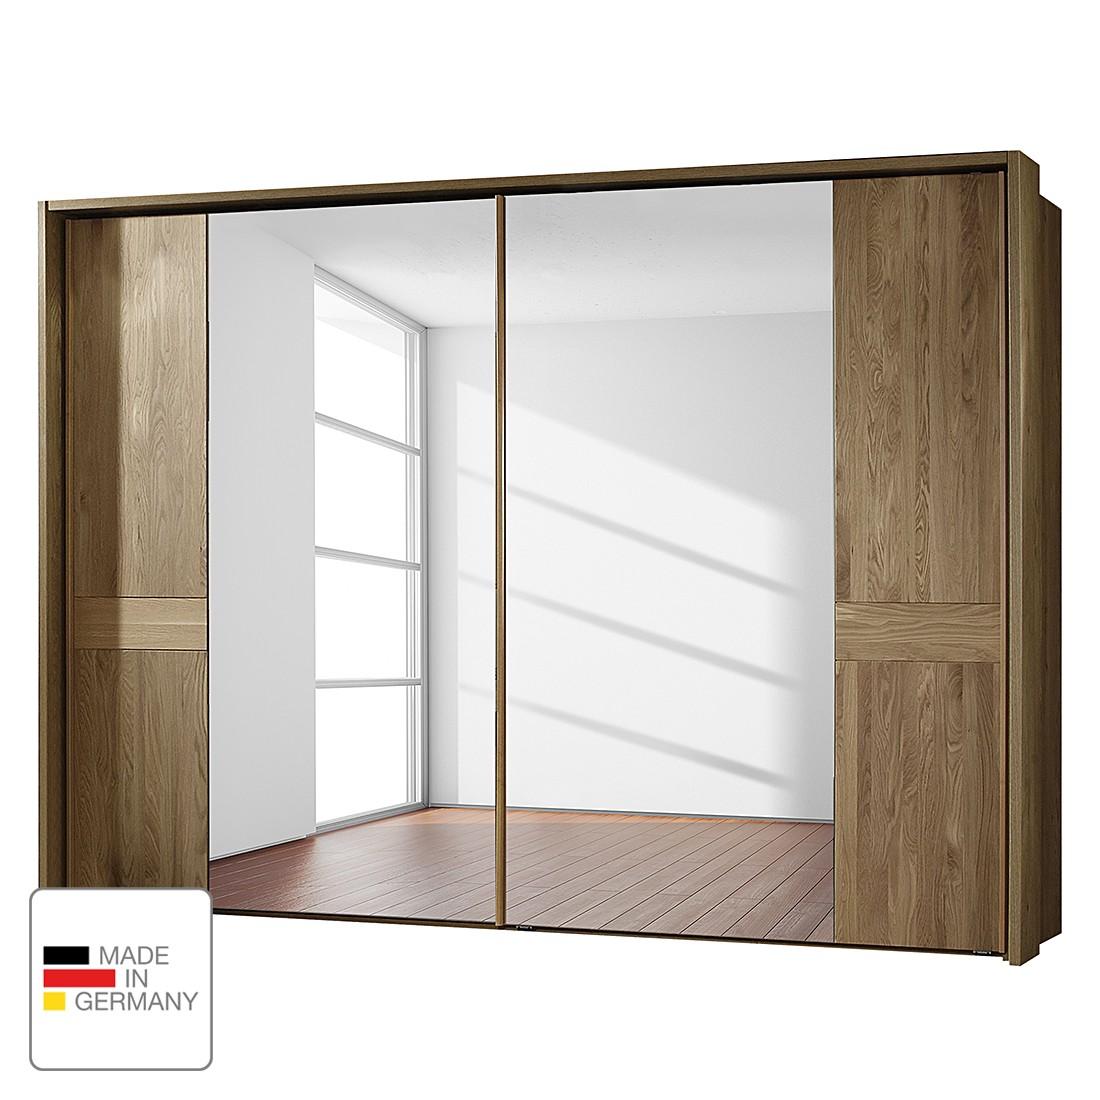 goedkoop Schuifdeurkast Münster deels massief eikenhout 250cm 2 deurs Met Passe partout lijst Wiemann